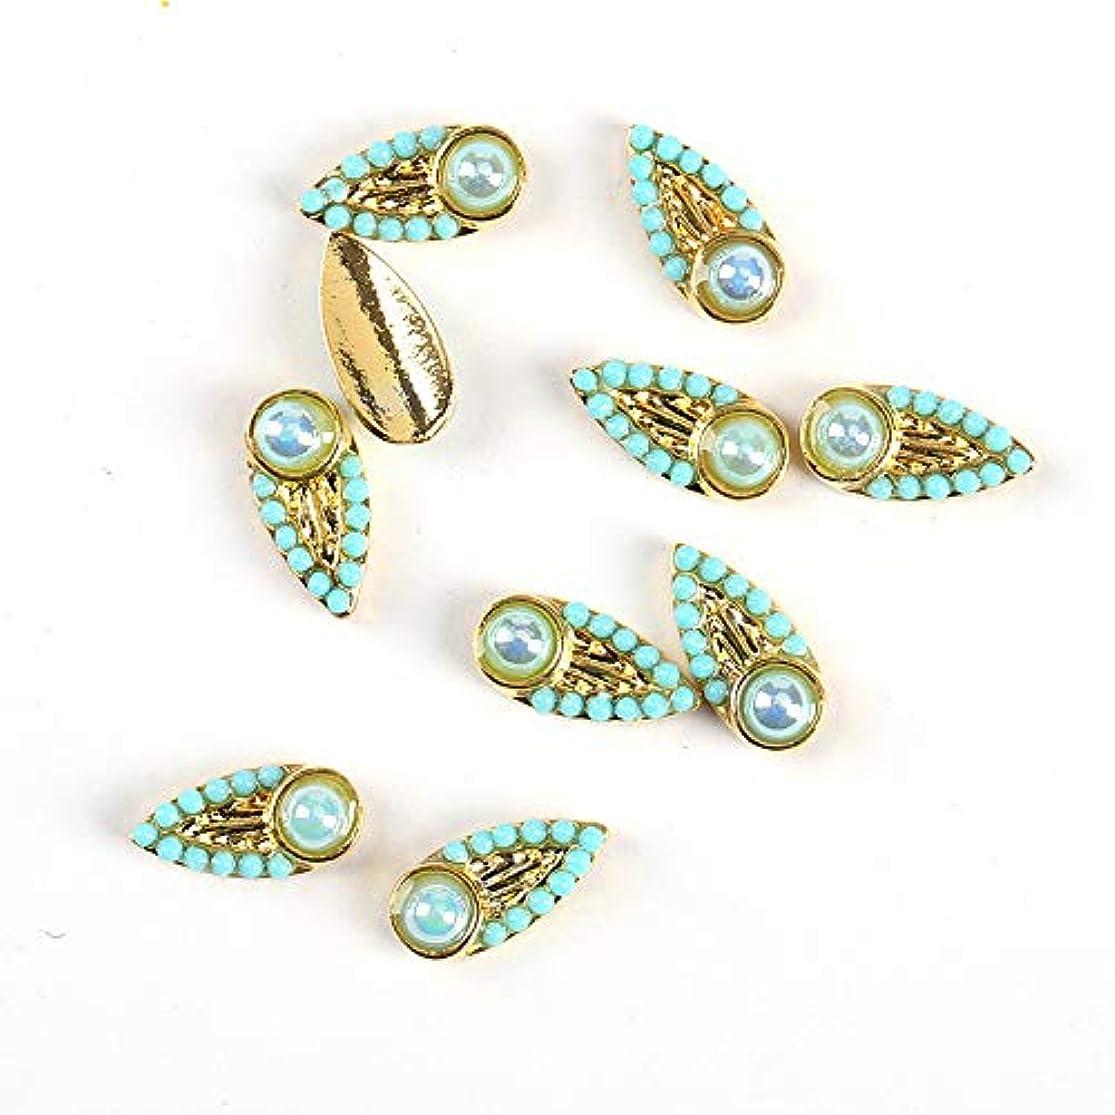 市民起きろ説得力のあるネイルズアクセサリー用10個入り/ロット3Dネイルアートの装飾ゴールドネイルスタッド象眼細工の宝石デザイン2色,1